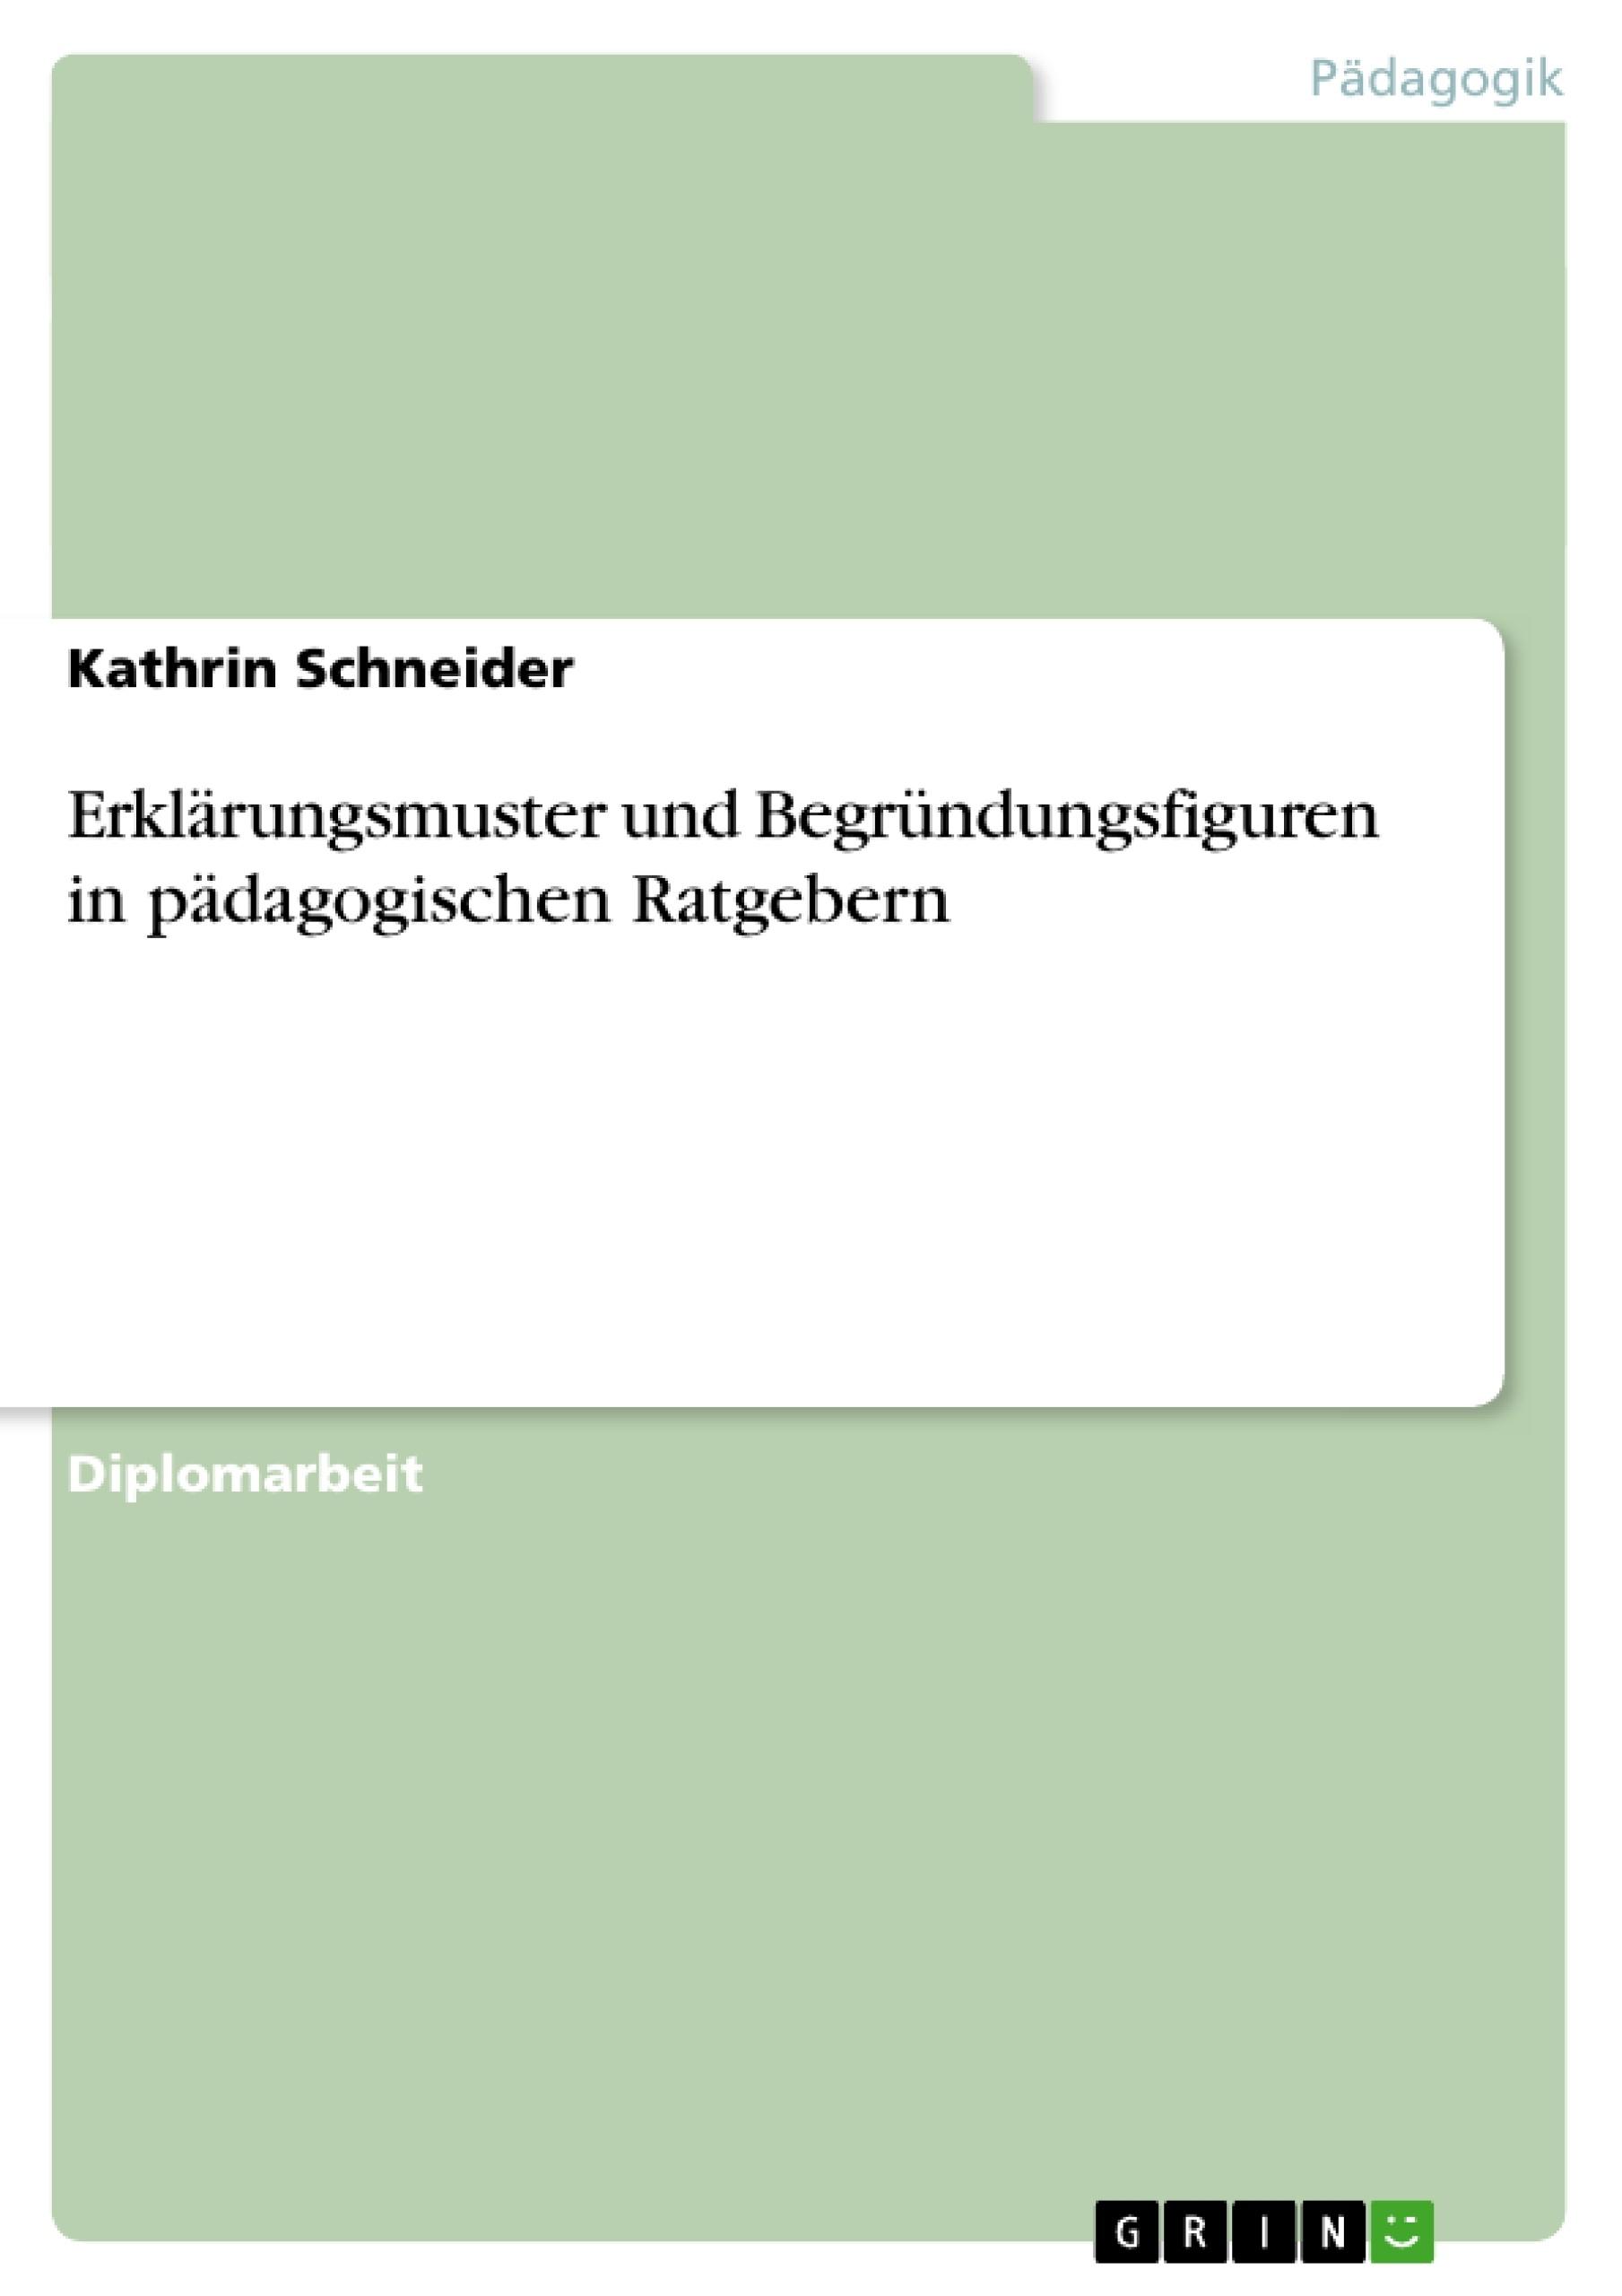 Titel: Erklärungsmuster und Begründungsfiguren in pädagogischen Ratgebern